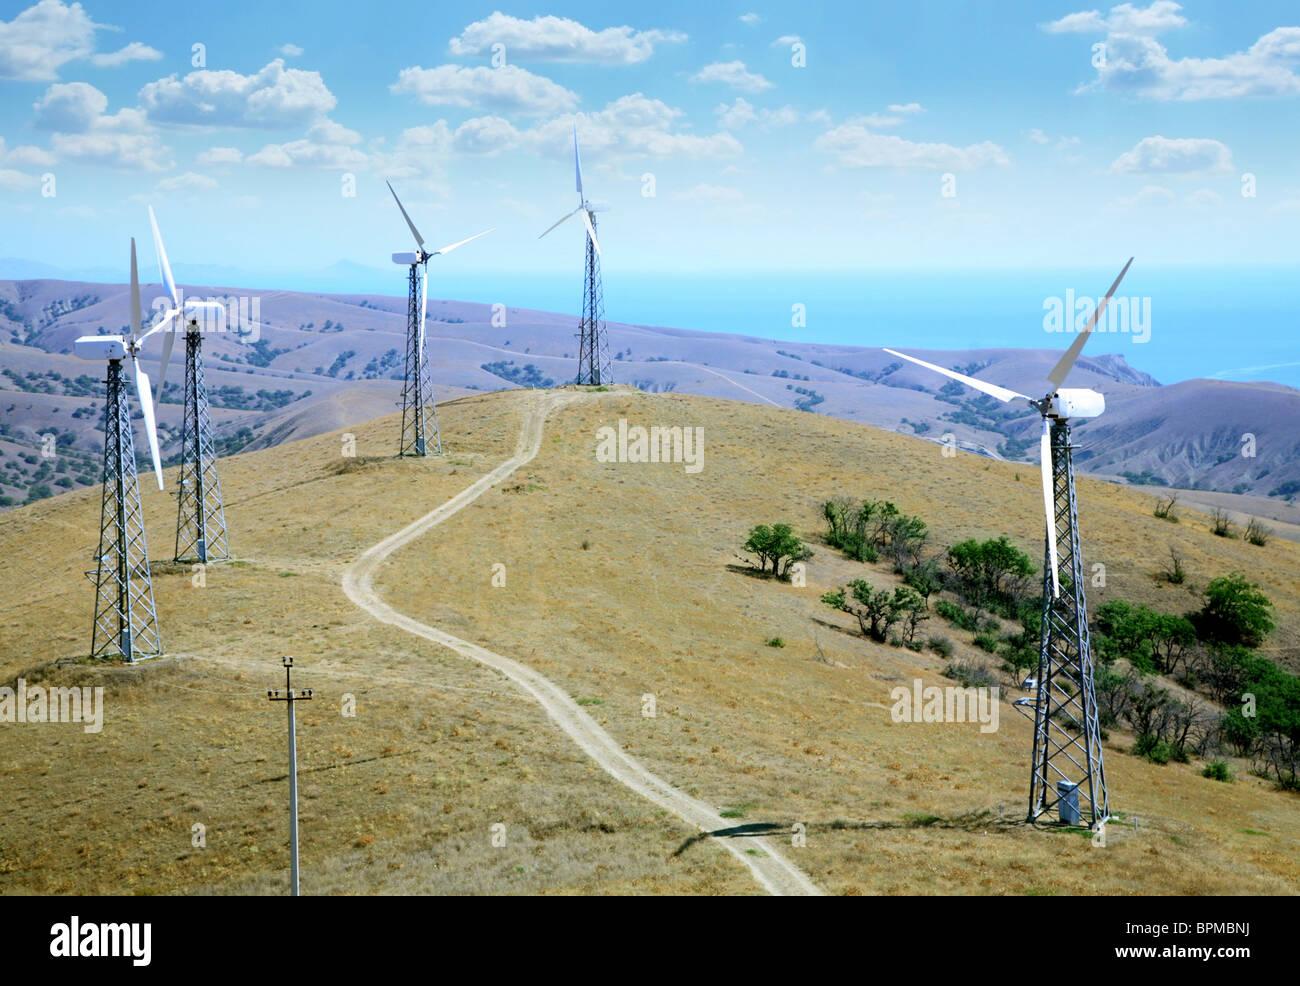 Paysage avec éoliennes Photo Stock